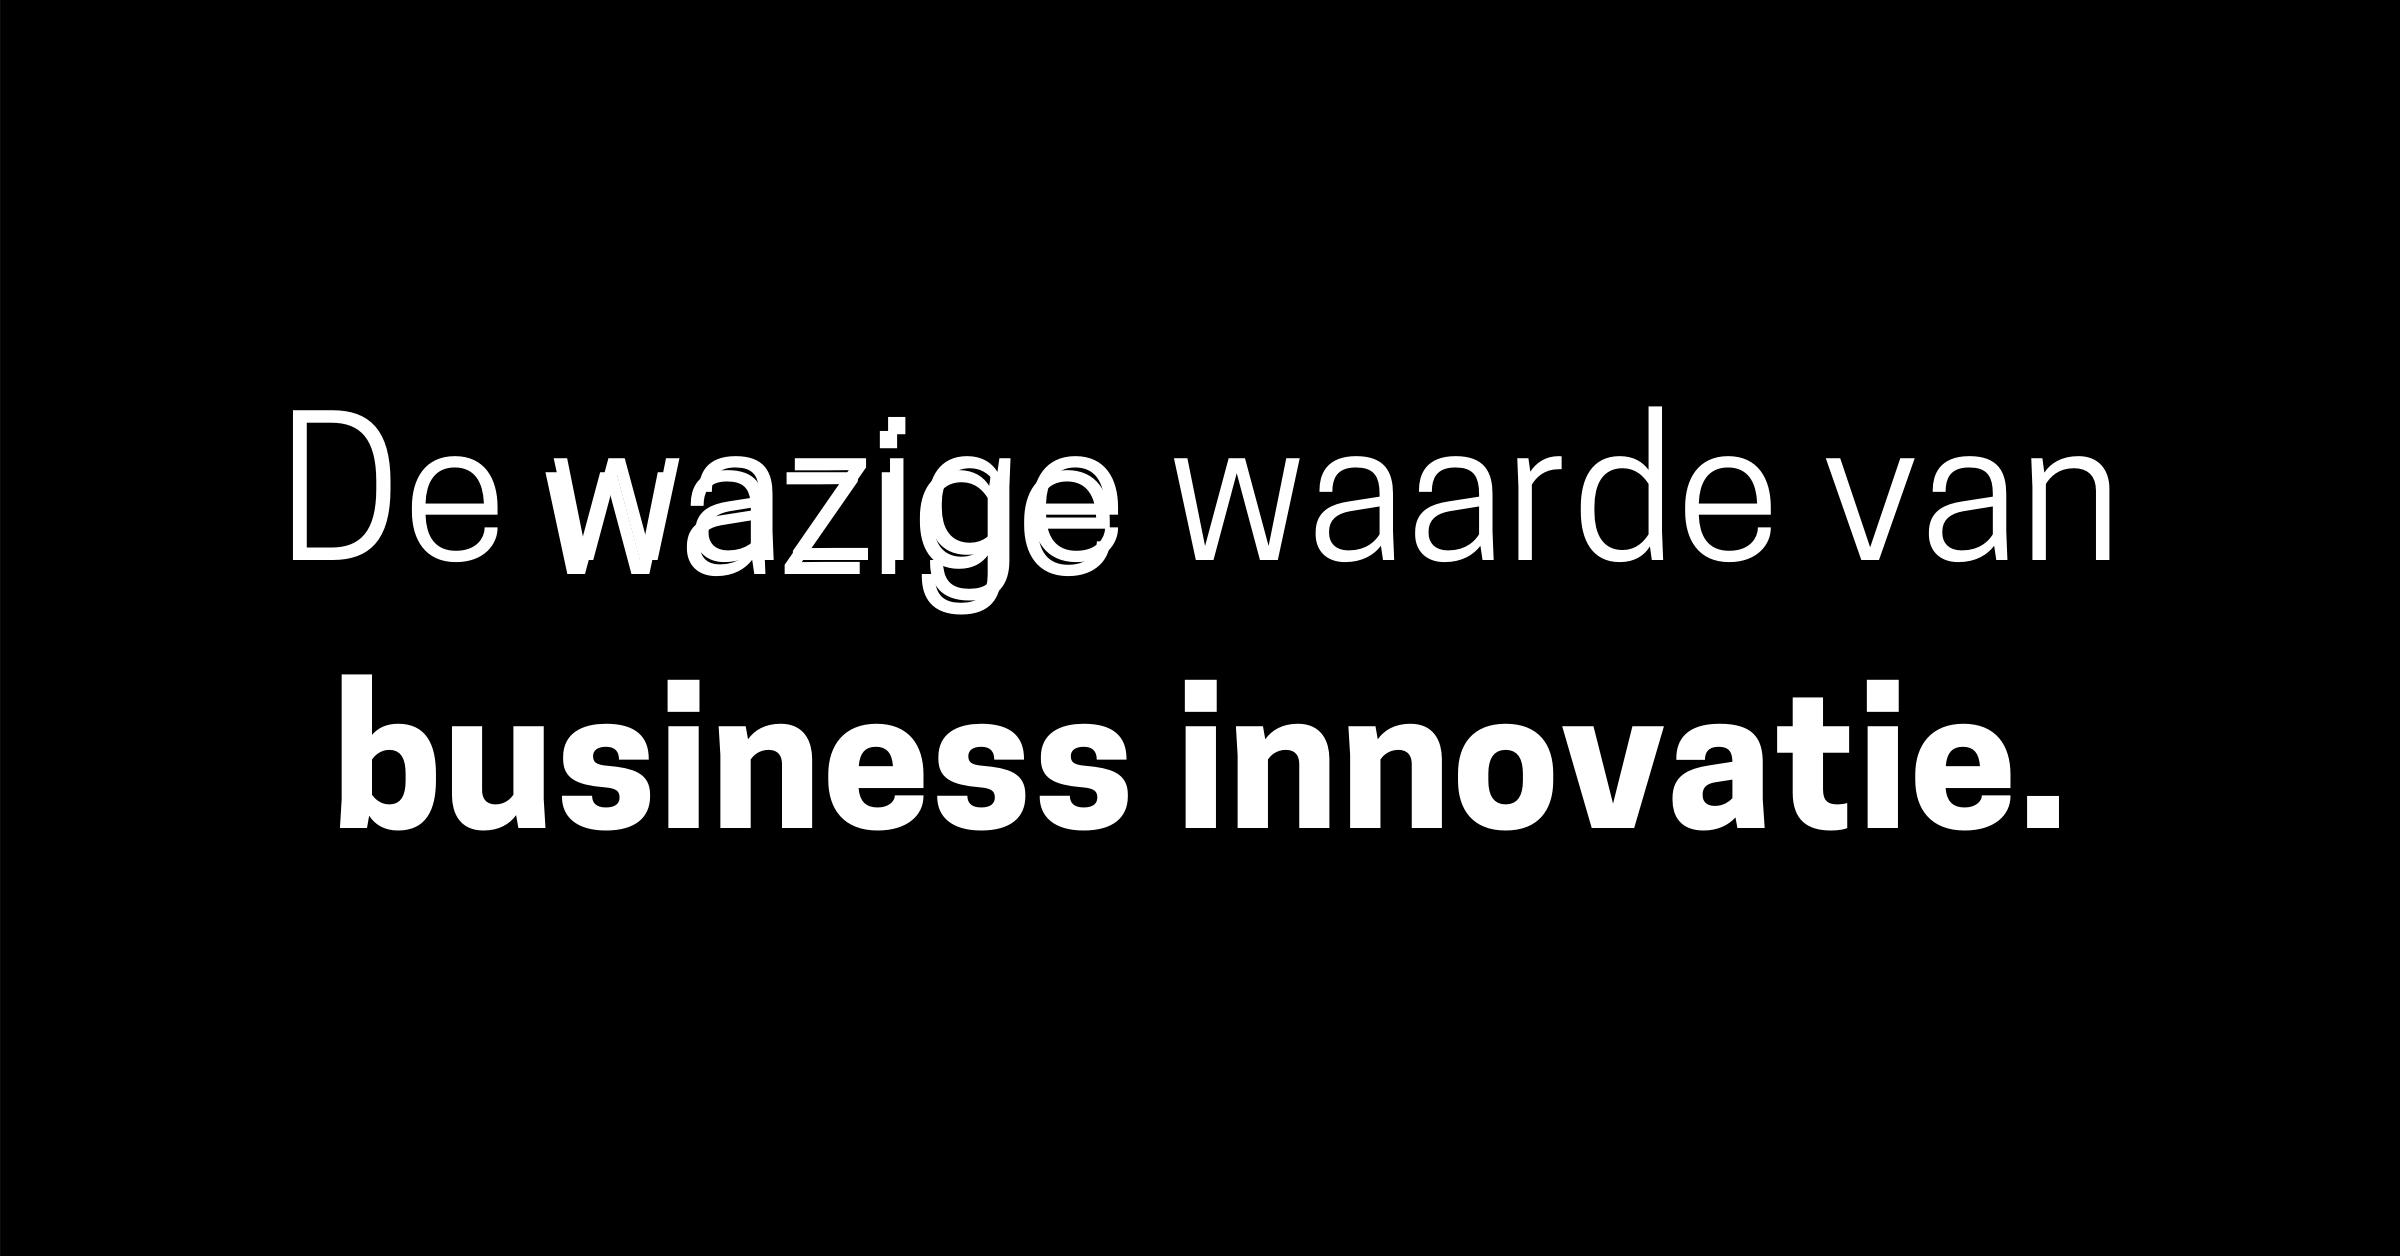 De wazige waarde van business innovatie